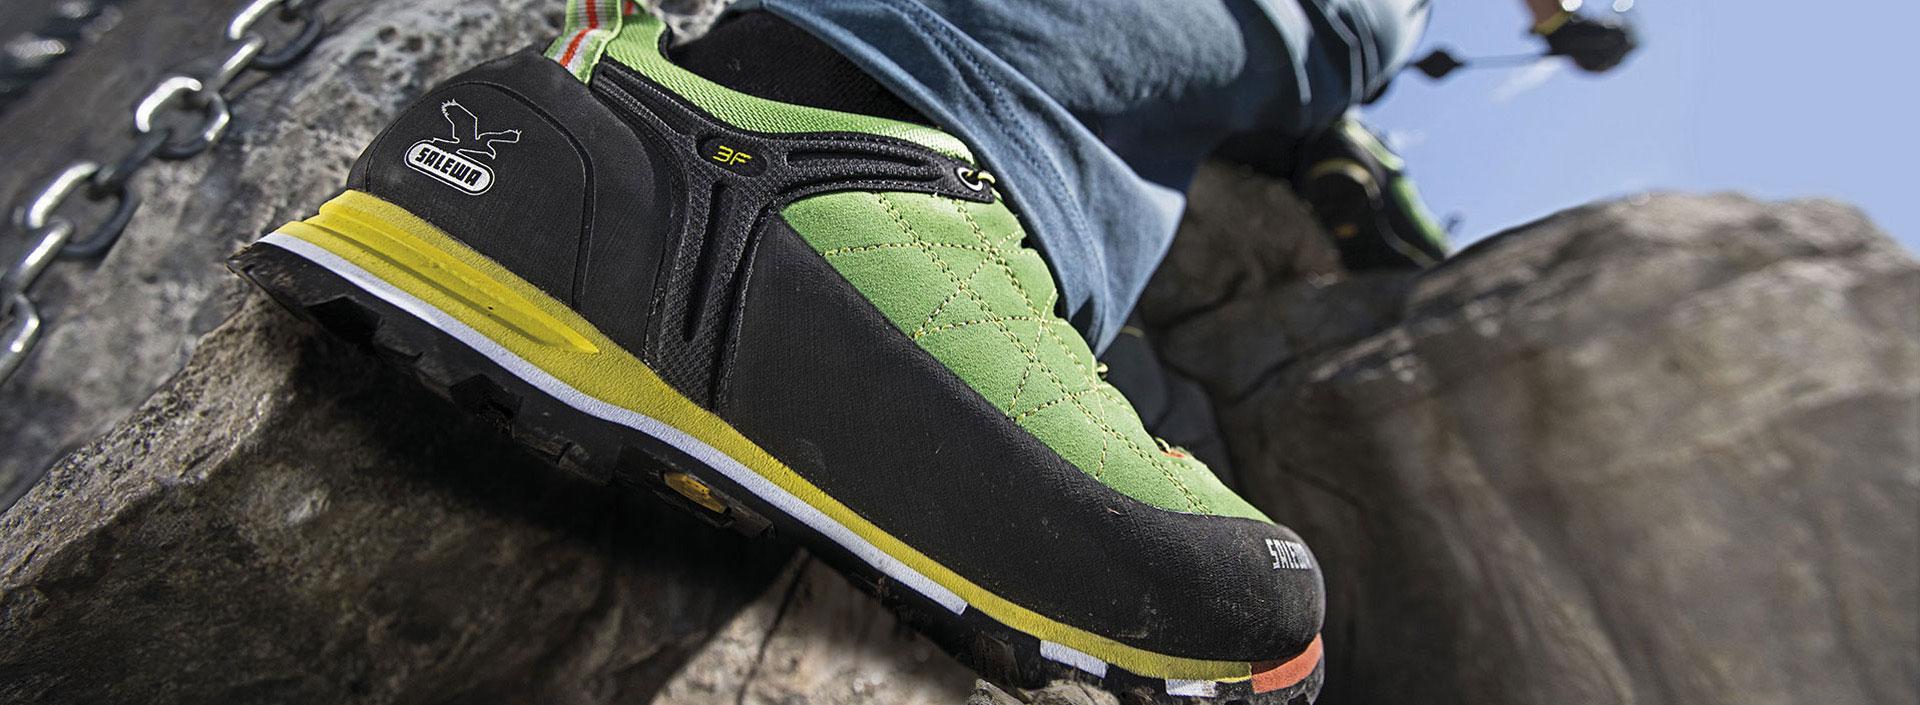 TEST: SALEWA Mountain Trainer Mid GTX, czyli wysokie buty